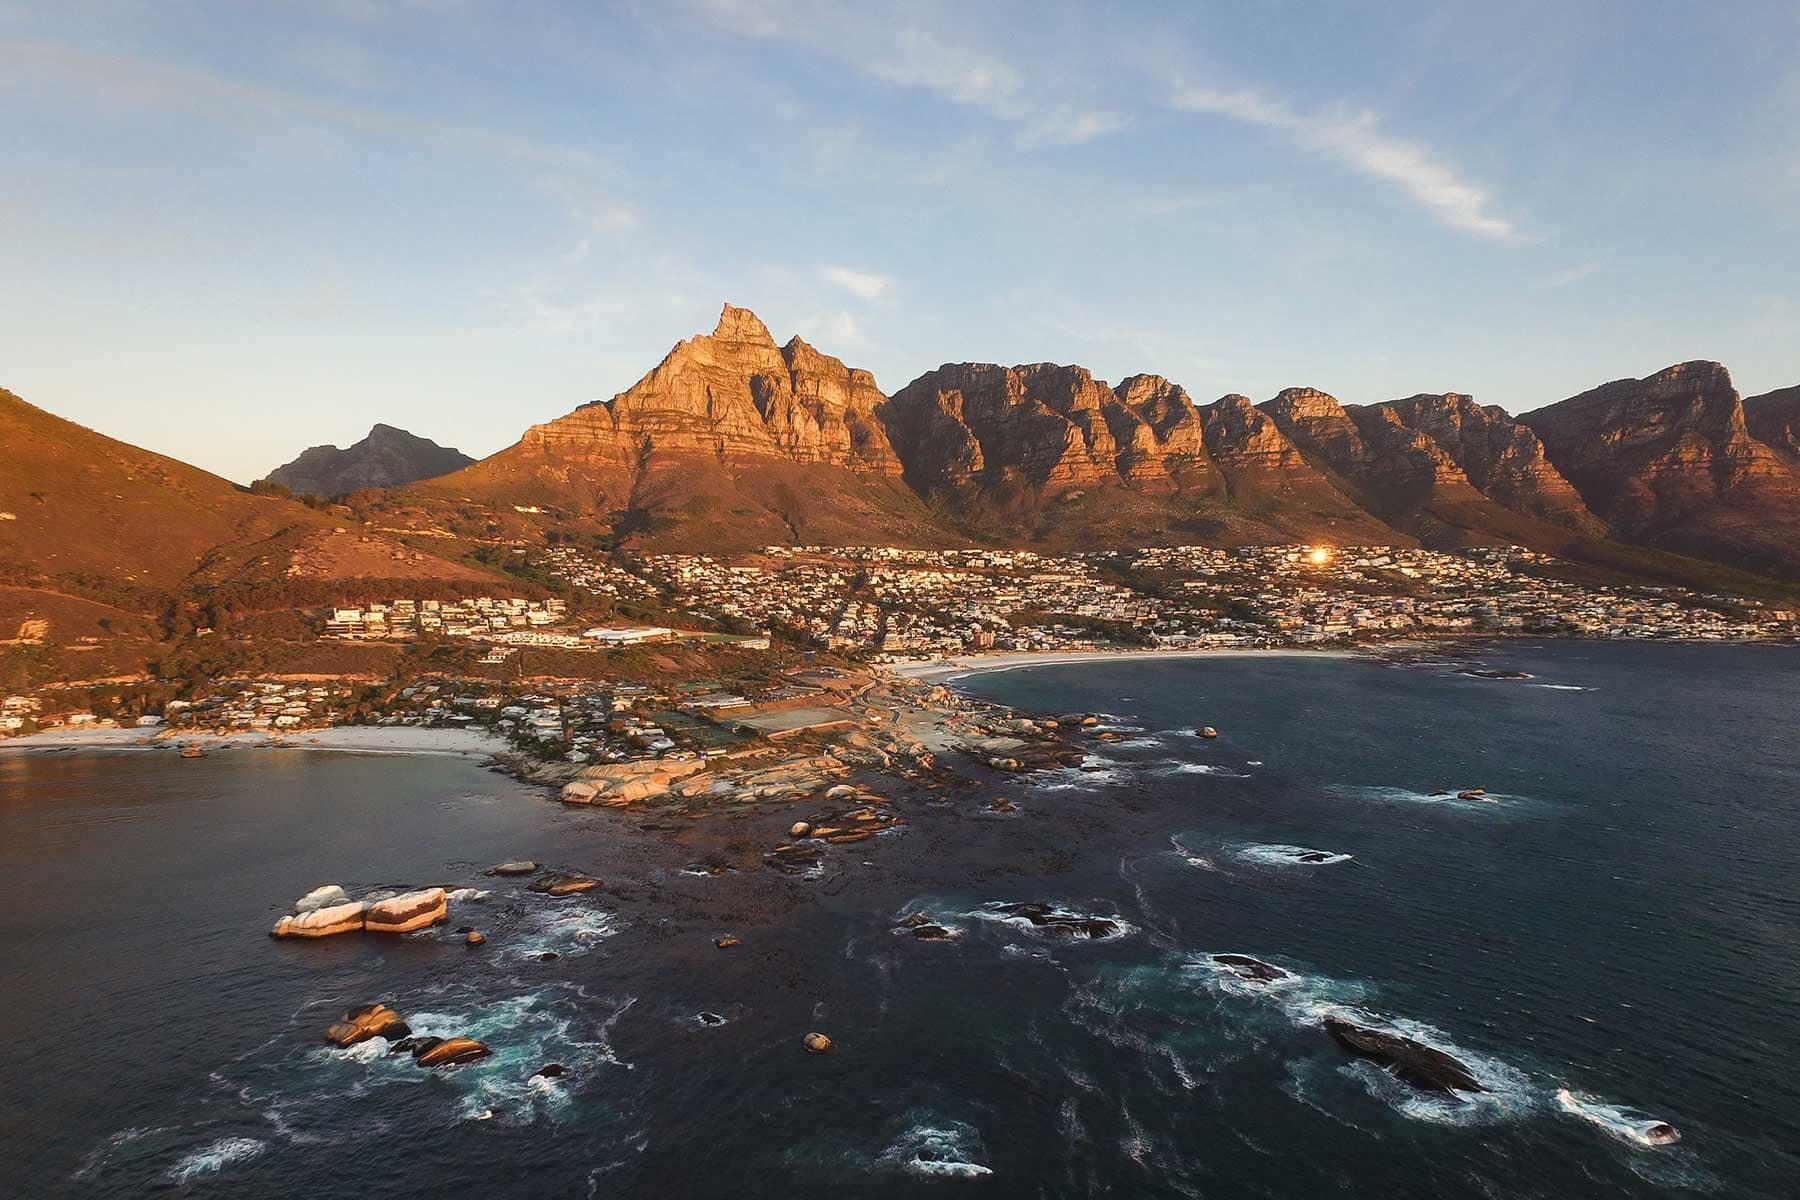 Resor-till-Kapstaden-med-Nygren-&-Lind-Resebyrå---taffelberge